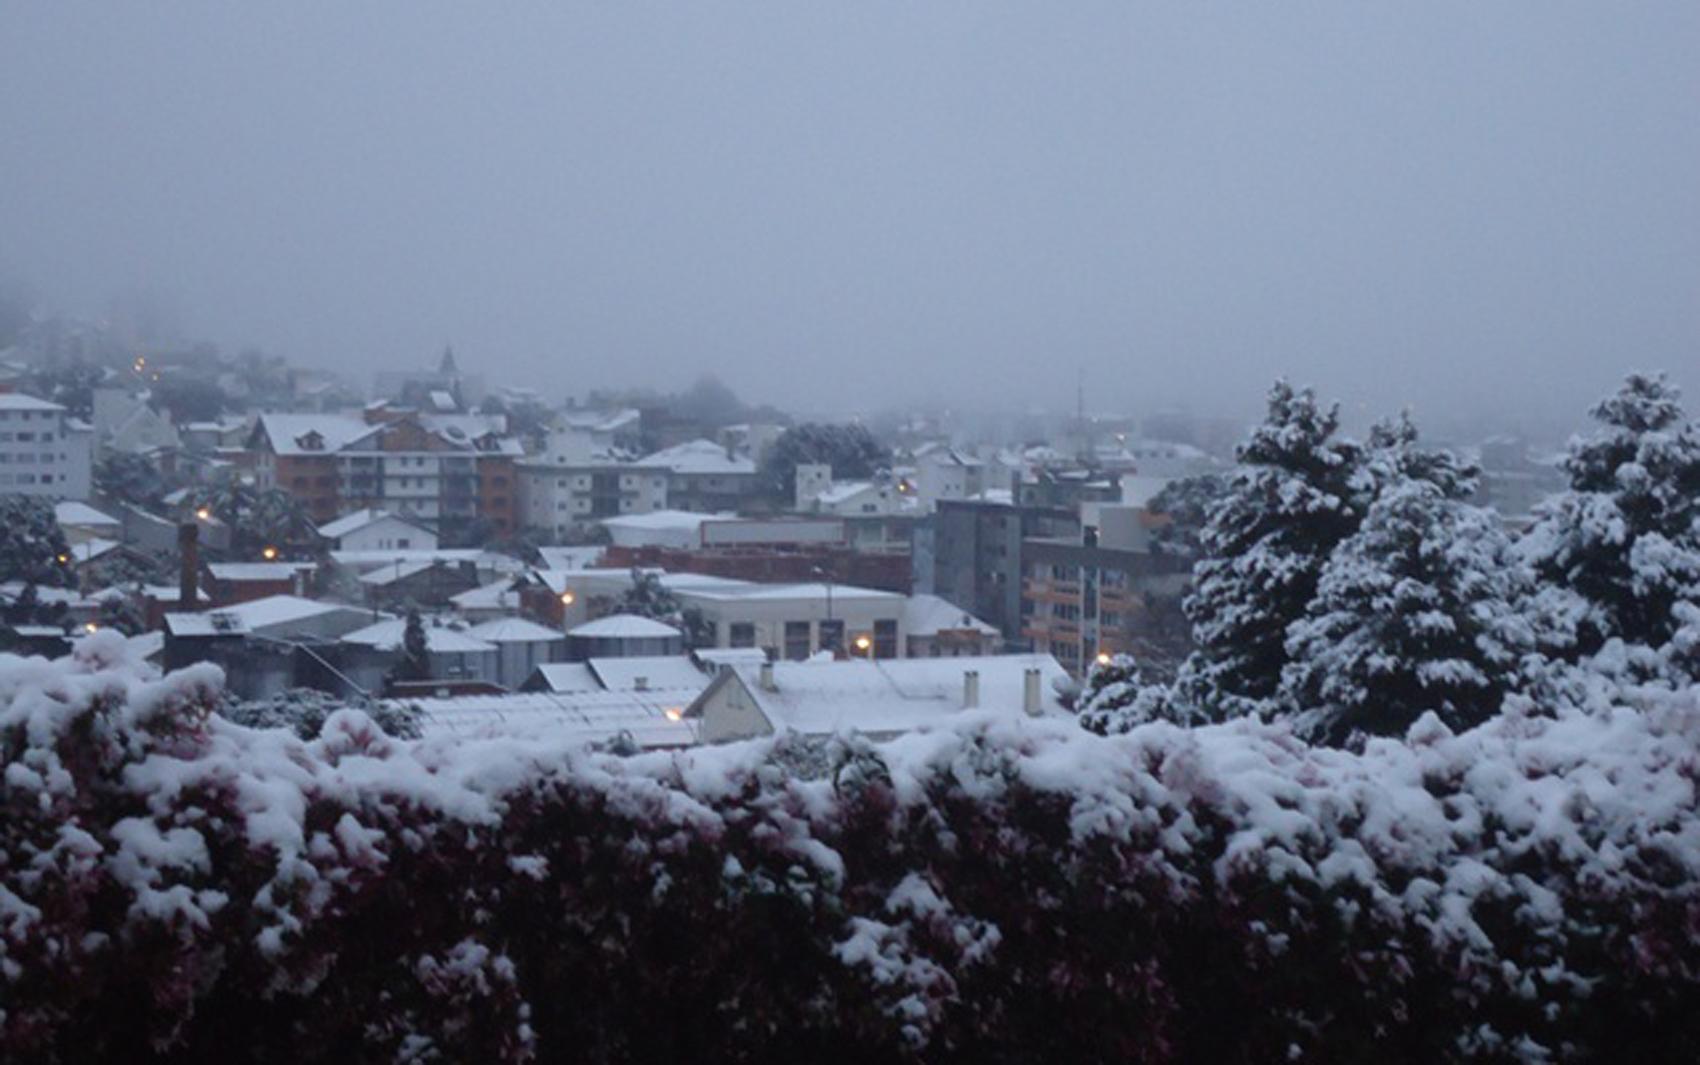 O leitor Everson Casagrande registrou o amanhecer gelado na cidade de Flores da Cunha, por volta das 6h40. 'O termômetro marcava 0°C, mas a sensação era de menos. Estava muito frio mesmo', diz.